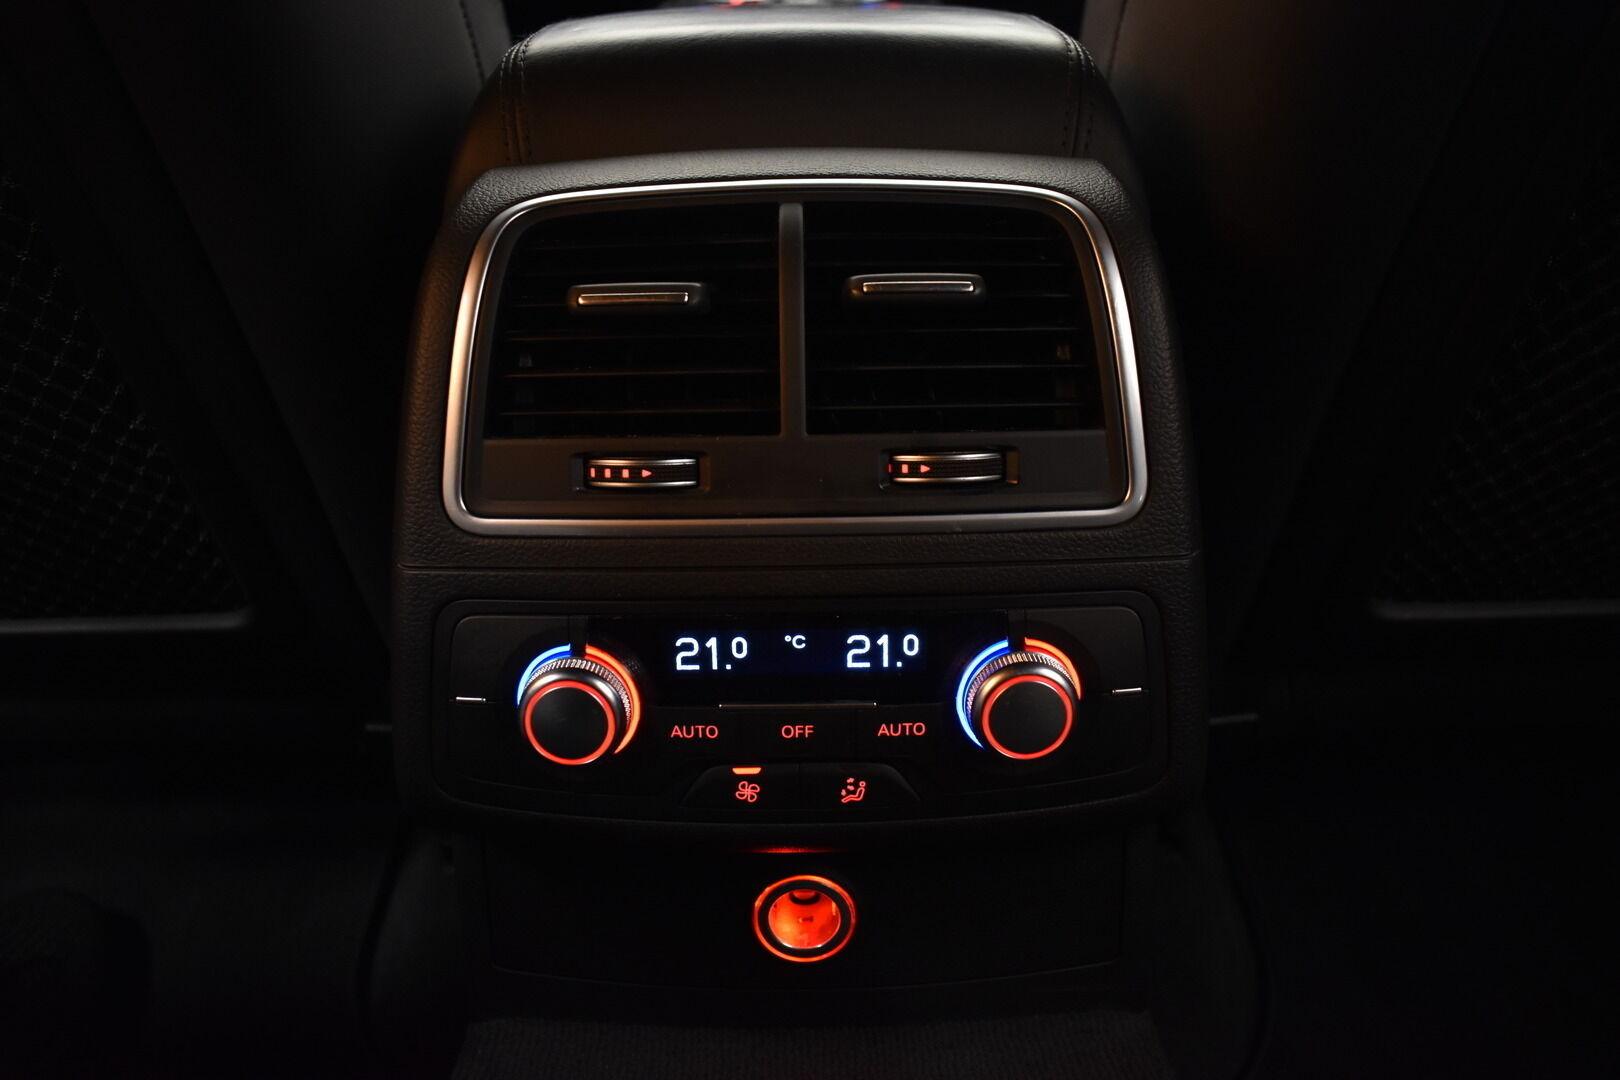 Musta Farmari, Audi A6 – OUL-89168, kuva 31